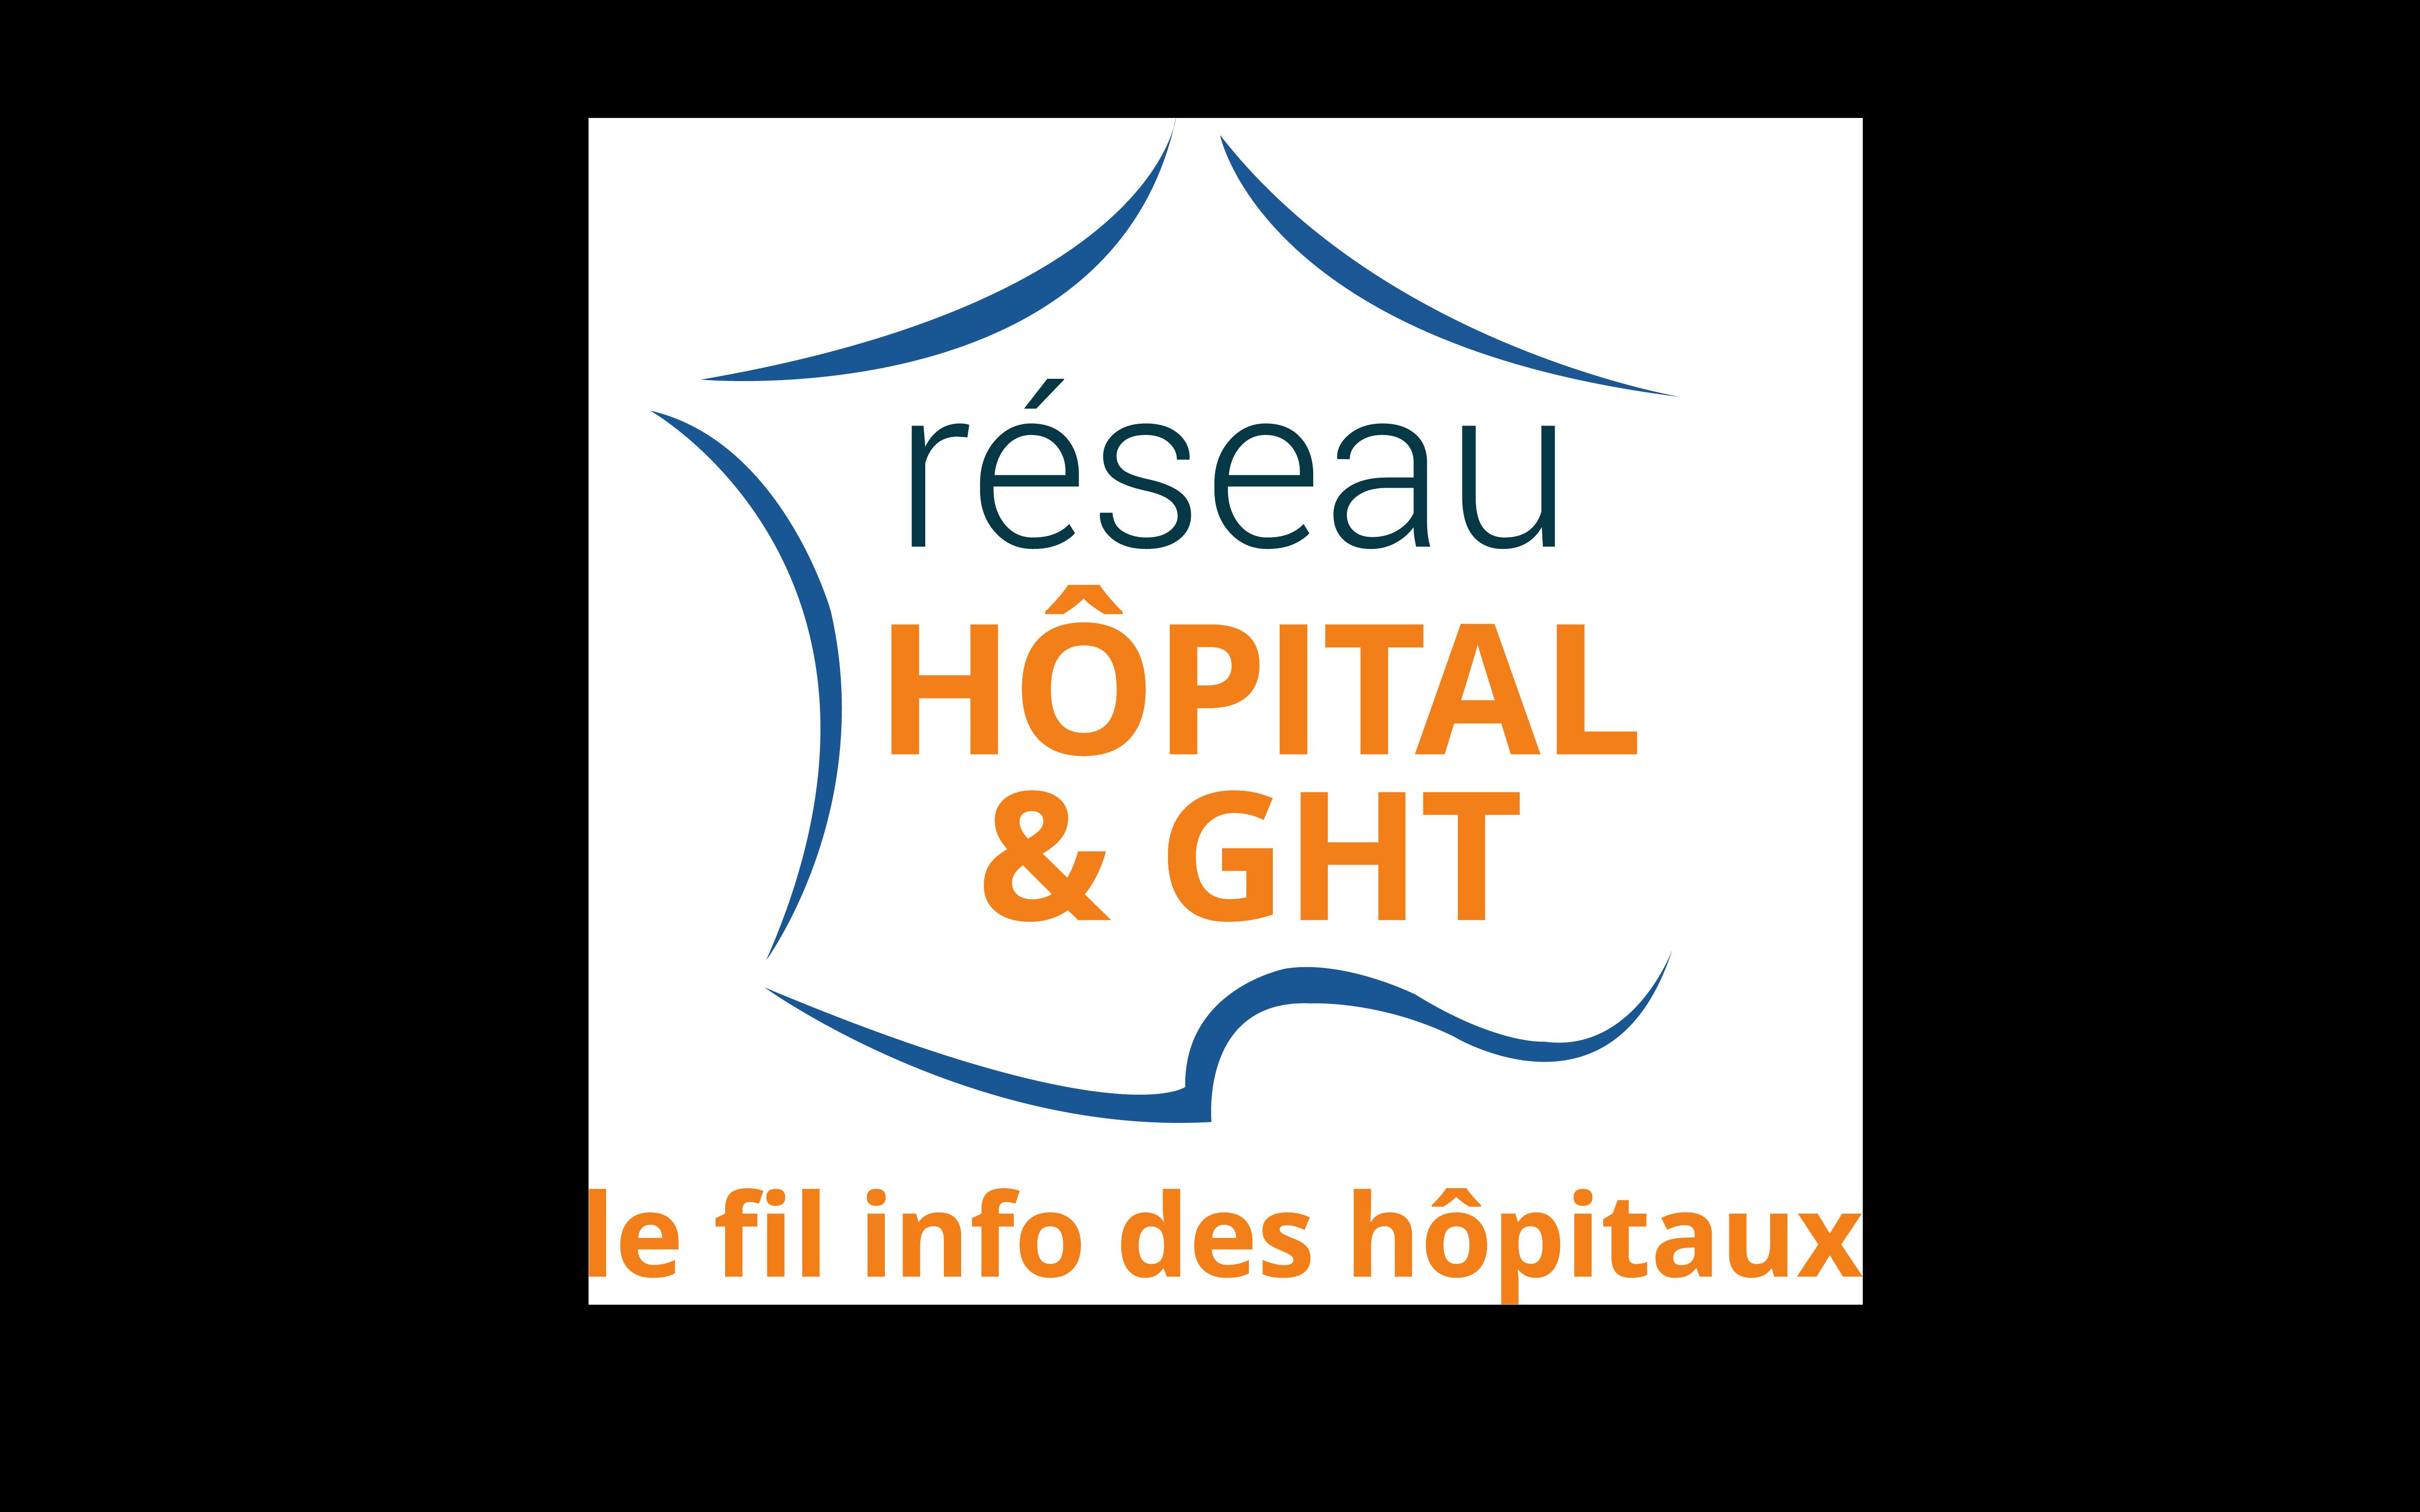 logo : Réseau Hopital et GHT